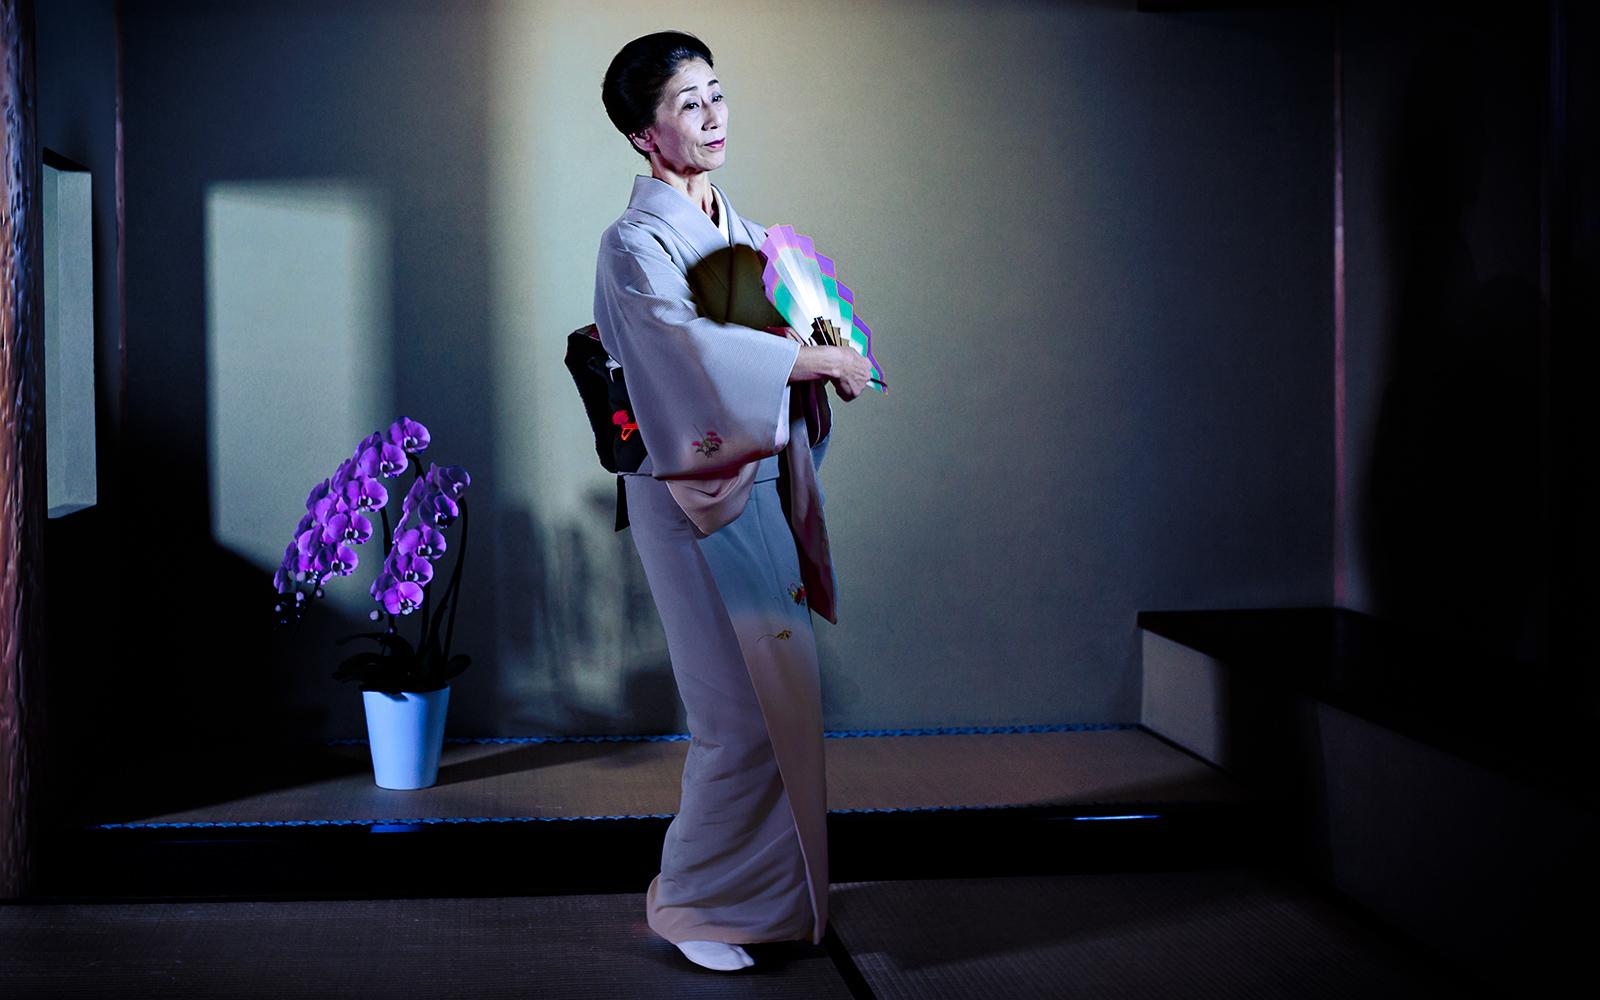 Seeing Geiko Exhibition Image 4